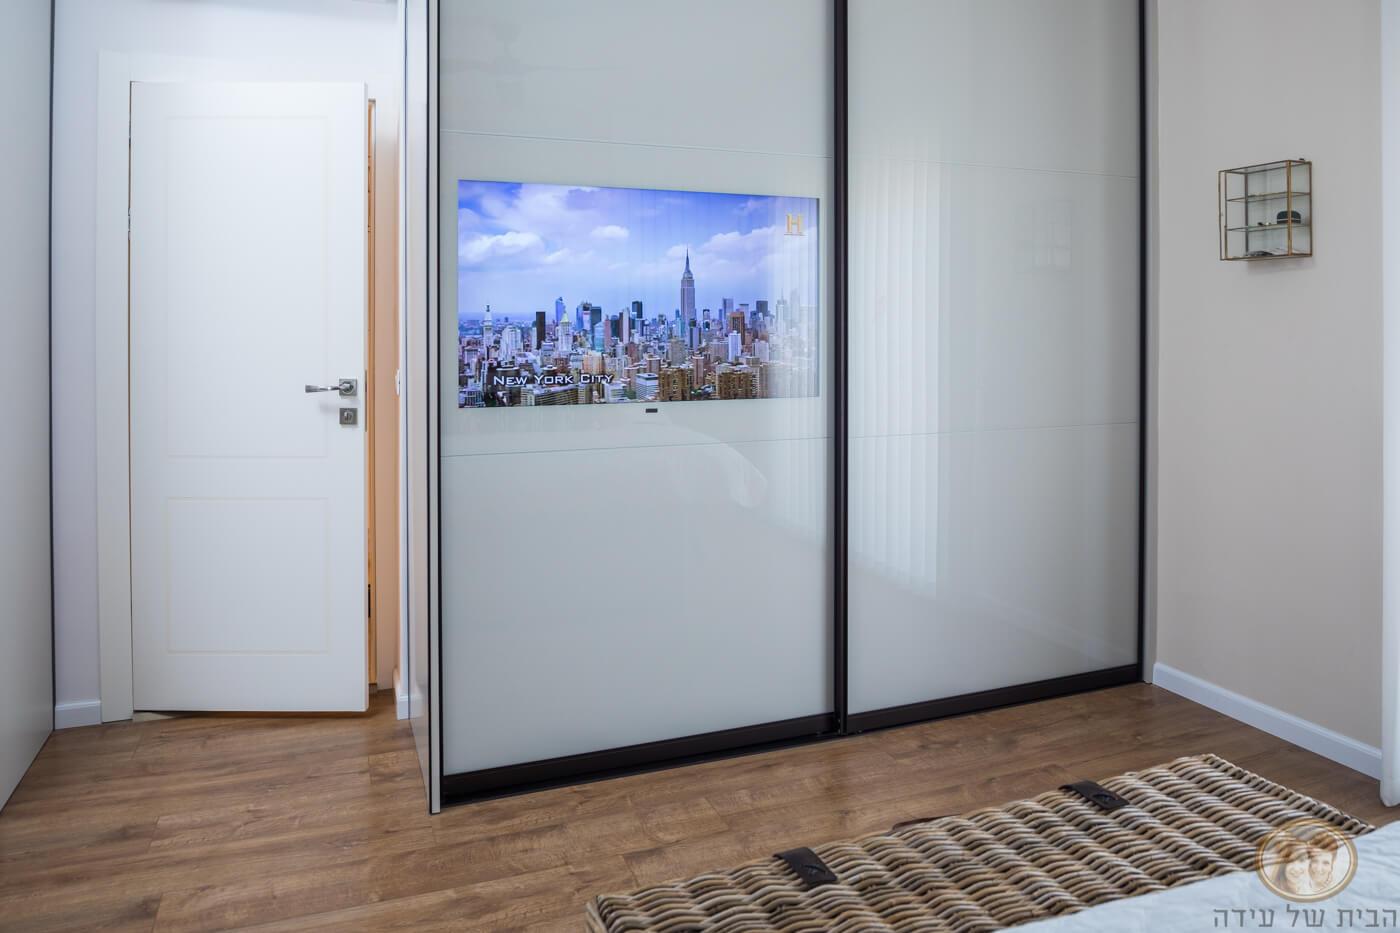 טלויזיה משולבת בארון בגדים דלקופ